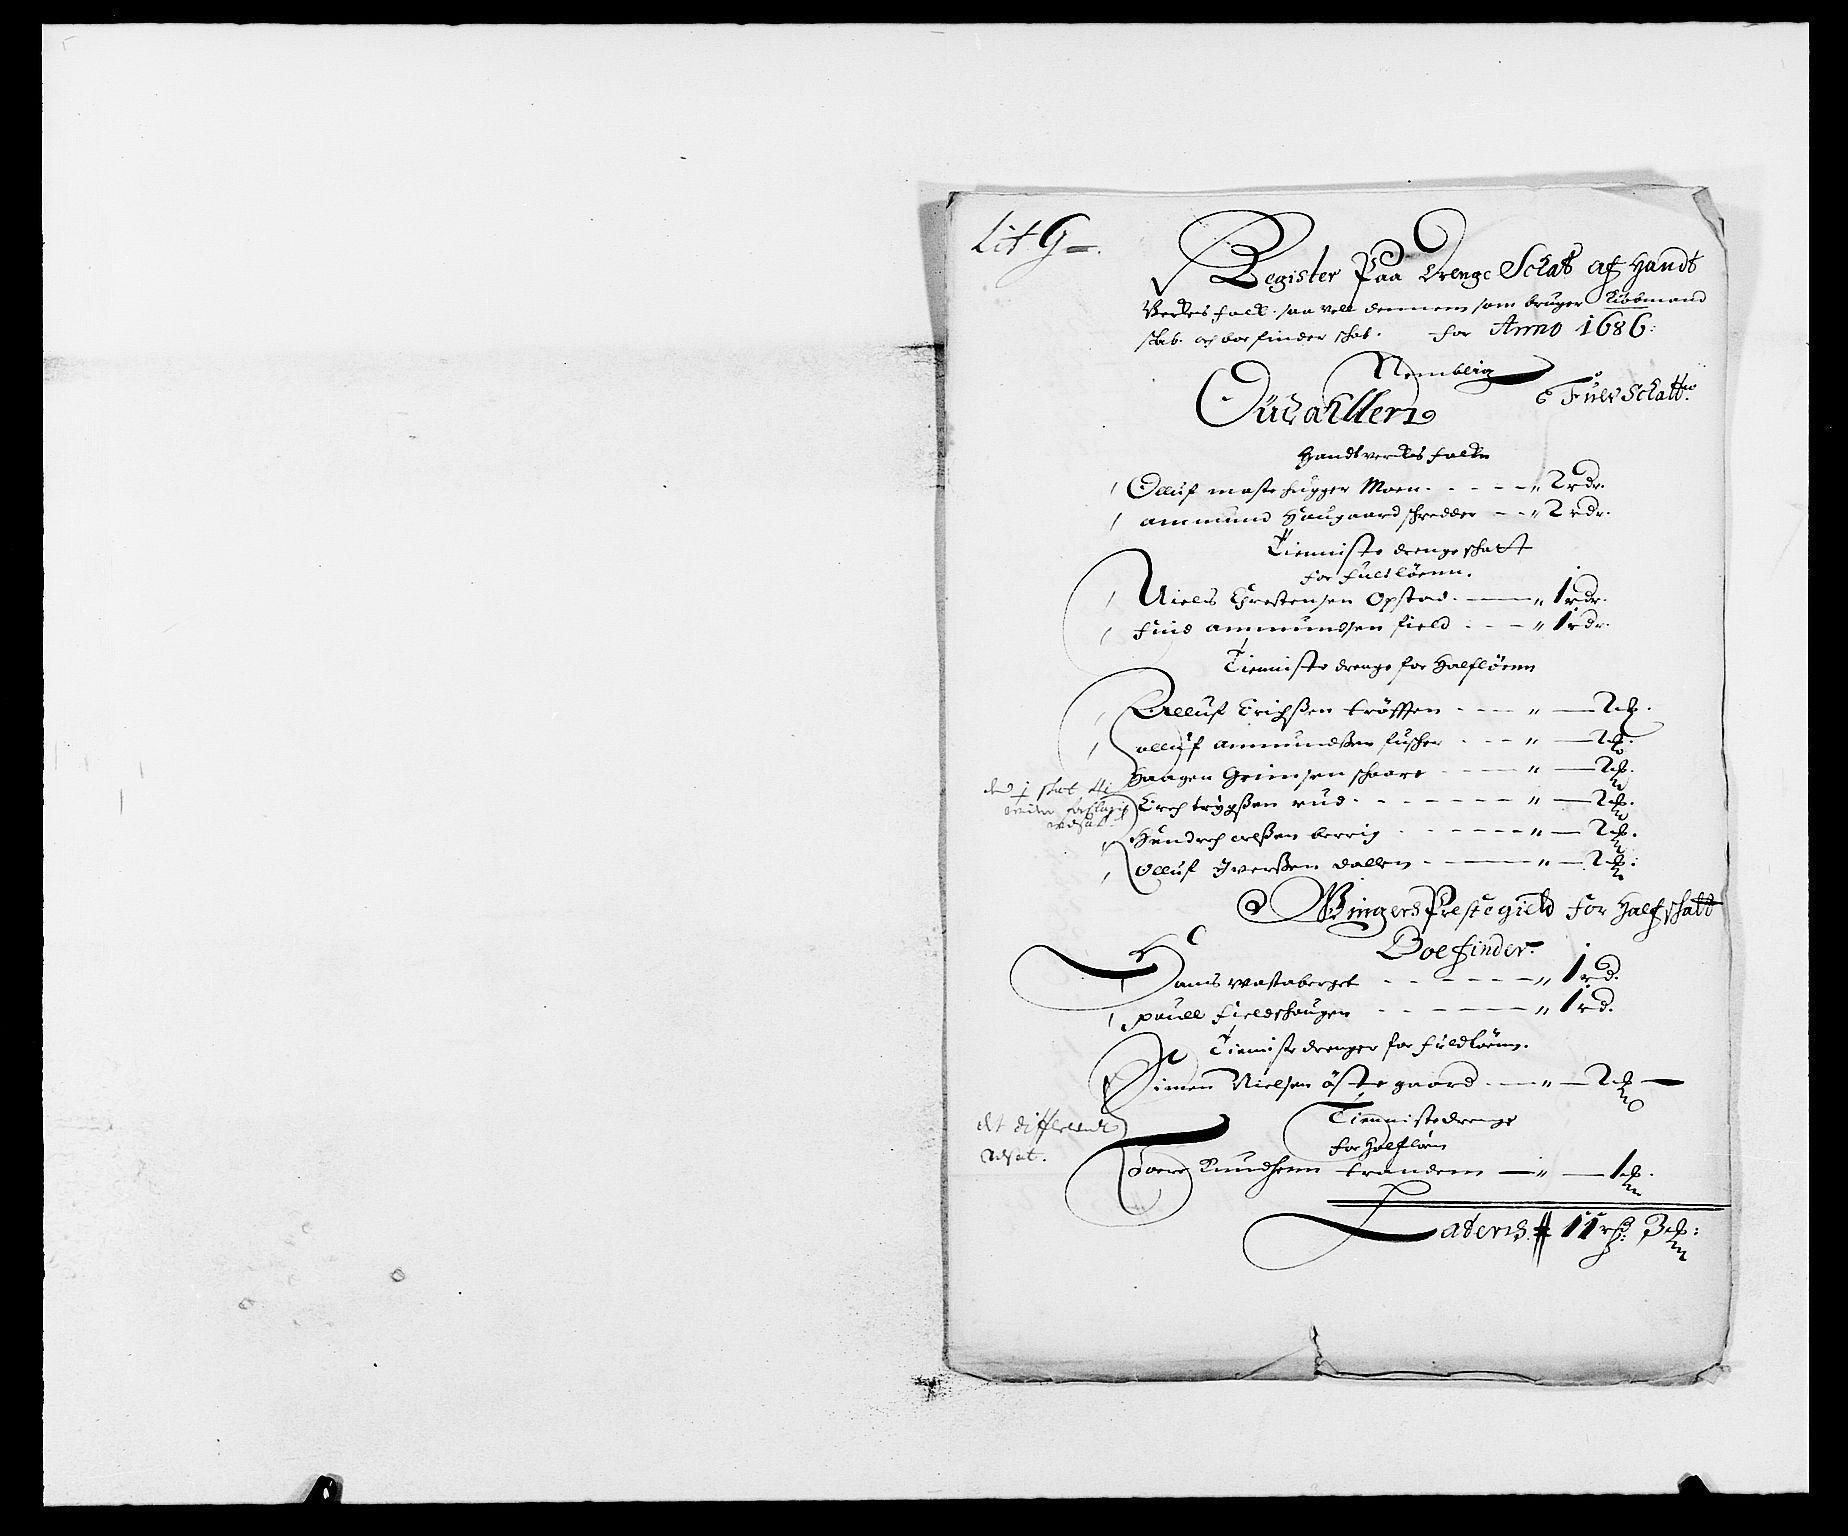 RA, Rentekammeret inntil 1814, Reviderte regnskaper, Fogderegnskap, R13/L0823: Fogderegnskap Solør, Odal og Østerdal, 1686, s. 229